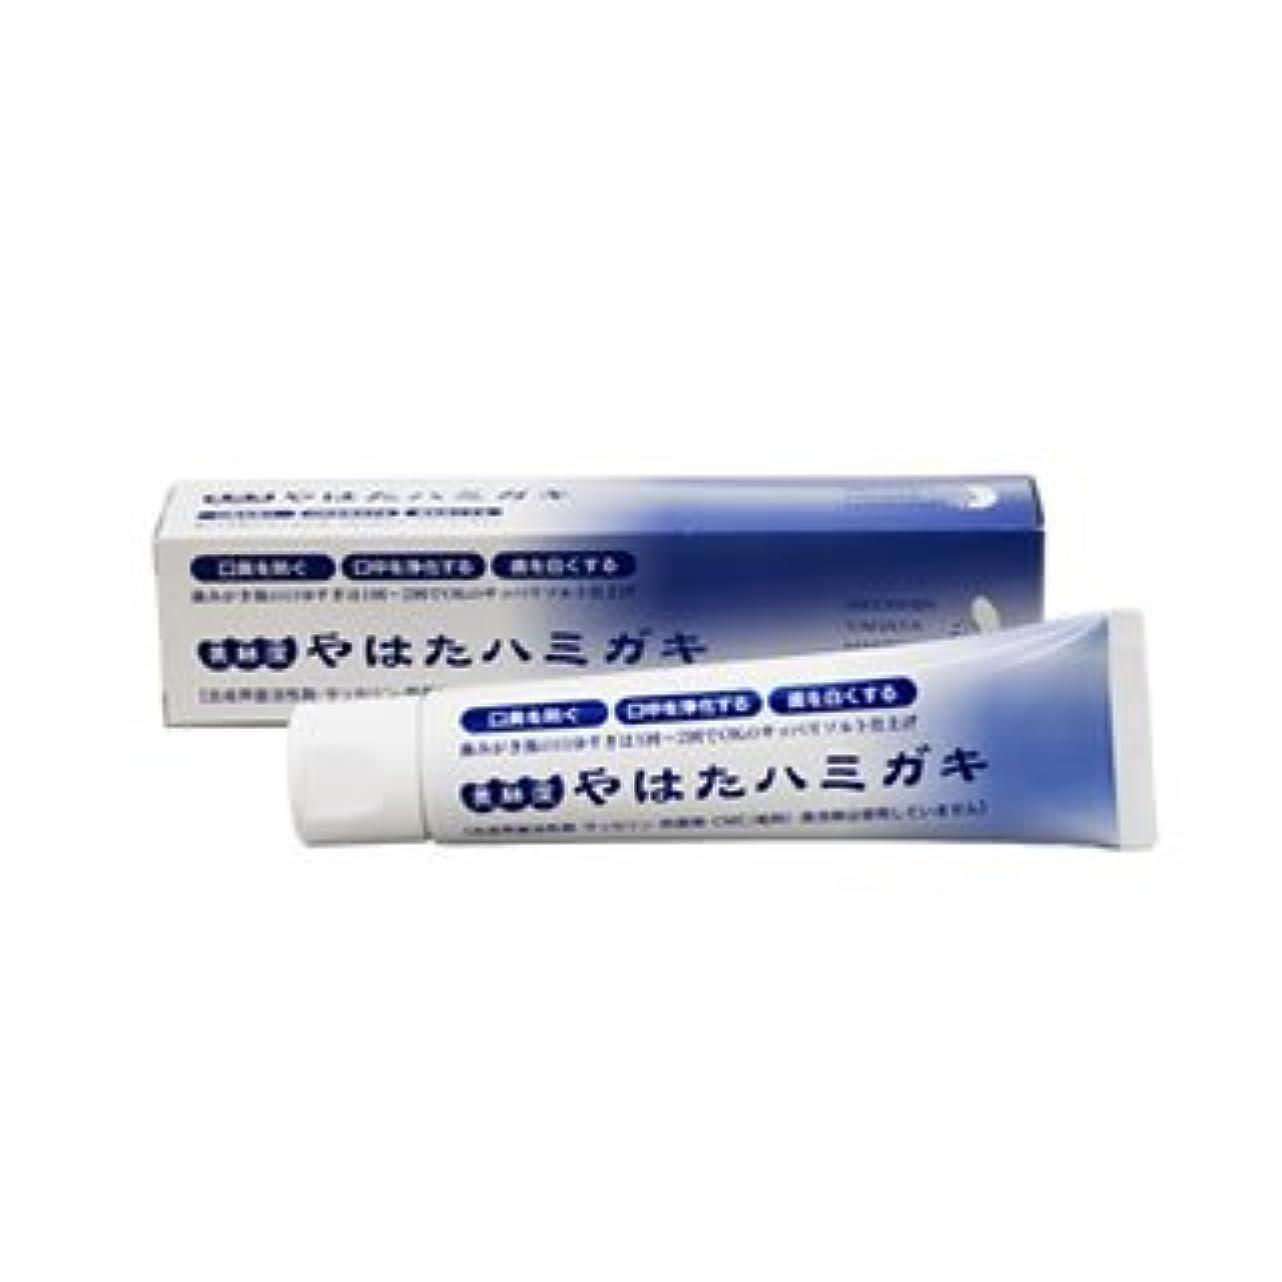 シーボード休眠デュアル無添加 歯磨き粉 やはたハミガキ 120g